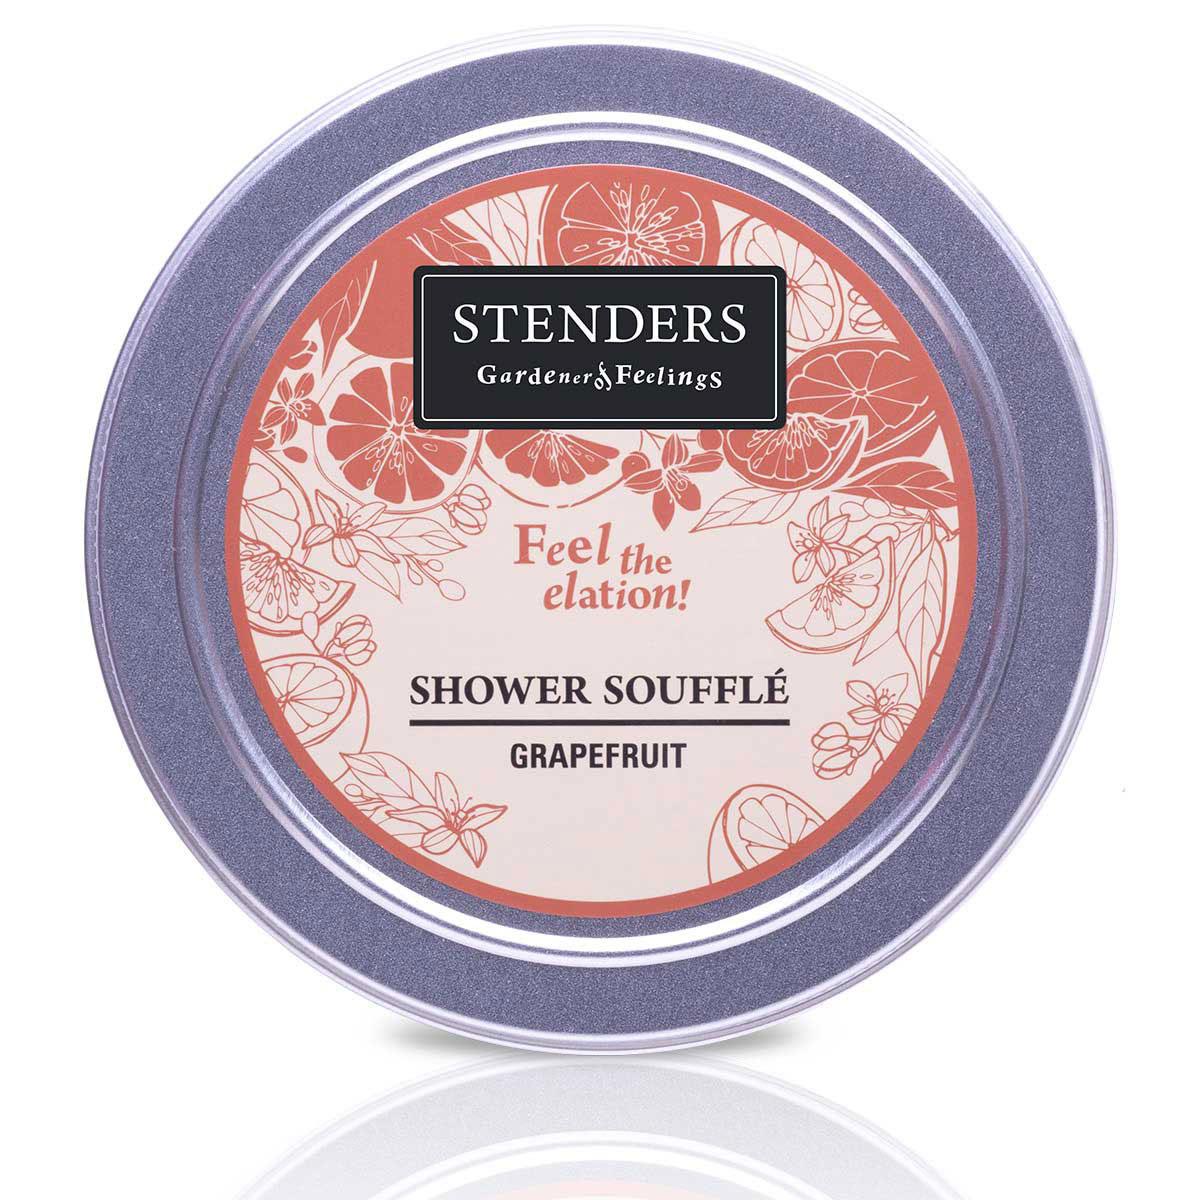 Stenders Мусс для душа Грейпфрутовый, 110 гDZ001Эта легкая кремовая пена очищает кожу нежнейшими прикосновениями. Это исключительная возможность насладиться удовольствием от купания. Почувствуйте, как жизнеутверждающий аромат эфирного масла грейпфрута вдохновляет вас по-настоящему наслаждаться жизнью. Этот мусс бережно относится к вашей коже – его ph 5,5 и он не содержит парабенов и сульфатов. PH - нейтральный мягкий воздушный мусс для мытья тела. Грейпфрутовому эфирному маслу присуща солнечная и оживляющая сила, которая взбодрит как тело, так и дух. Кроме того, оно может помочь улучшить структуру вашей кожи. Глицерин – это органическое соединение с увлажняющим и смягчающим кожу воздействием. Кроме того, ему присуща способность привлекать влагу из воздуха.